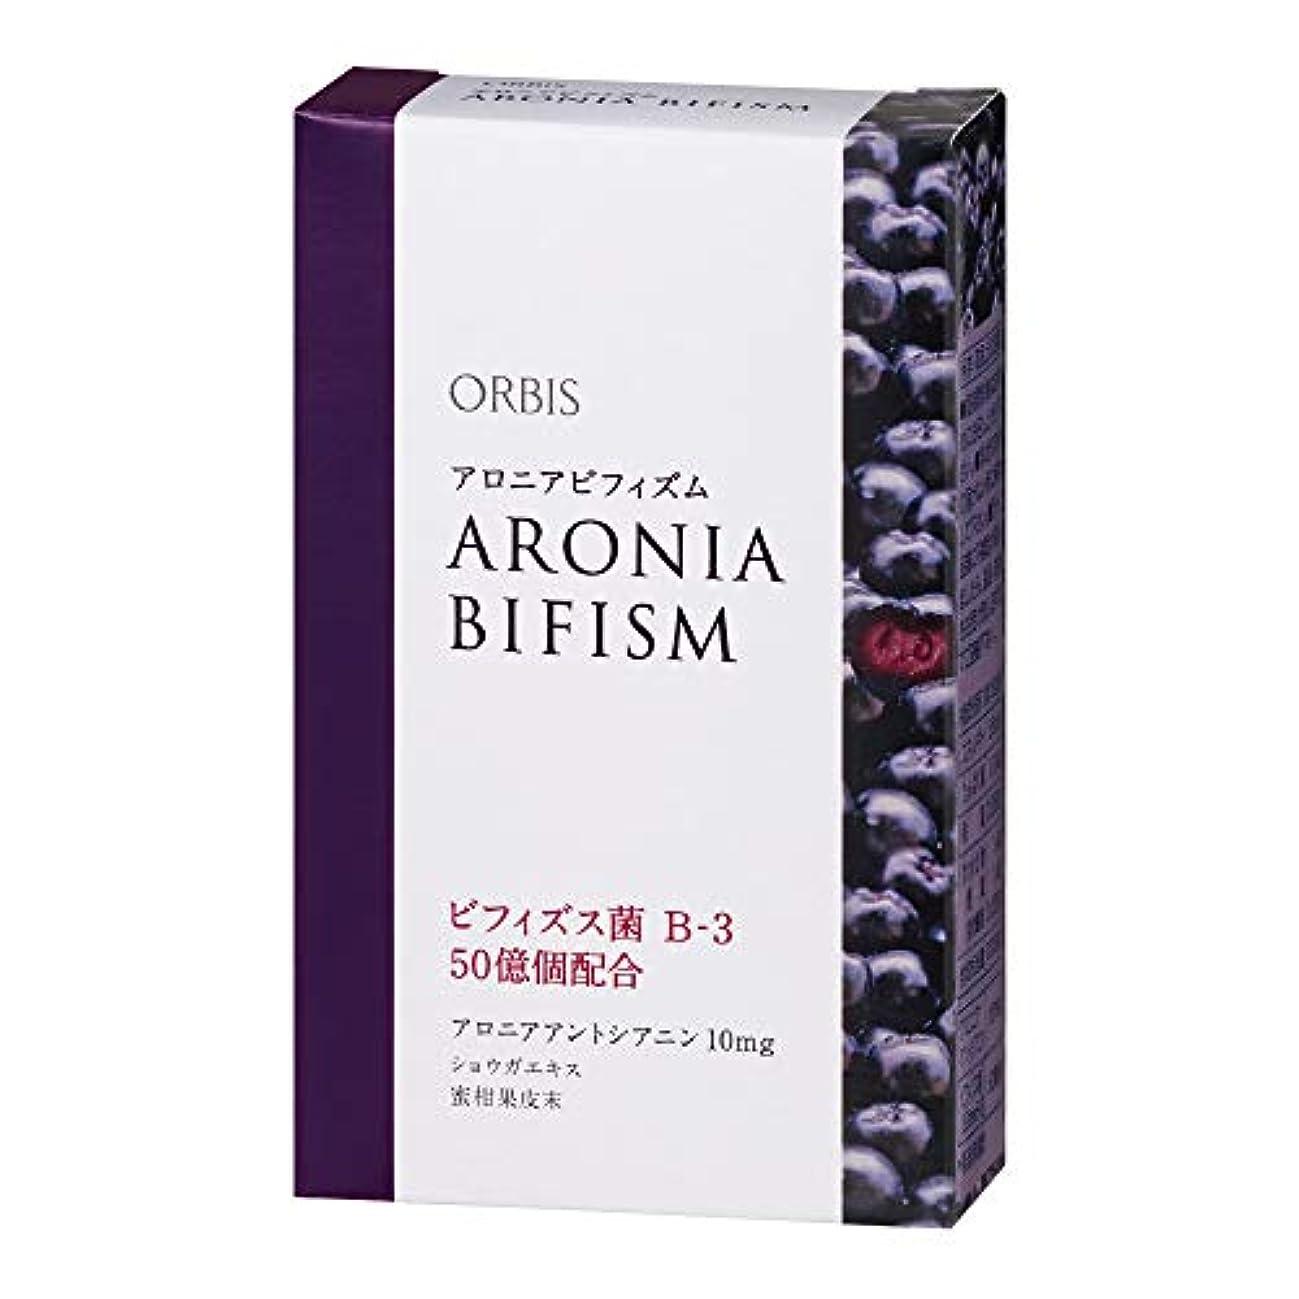 噛むむき出しフィヨルドオルビス(ORBIS) アロニアビフィズム(ミックスベリー風味) 15日分(1.5g×15袋) ◎美容サプリメント◎